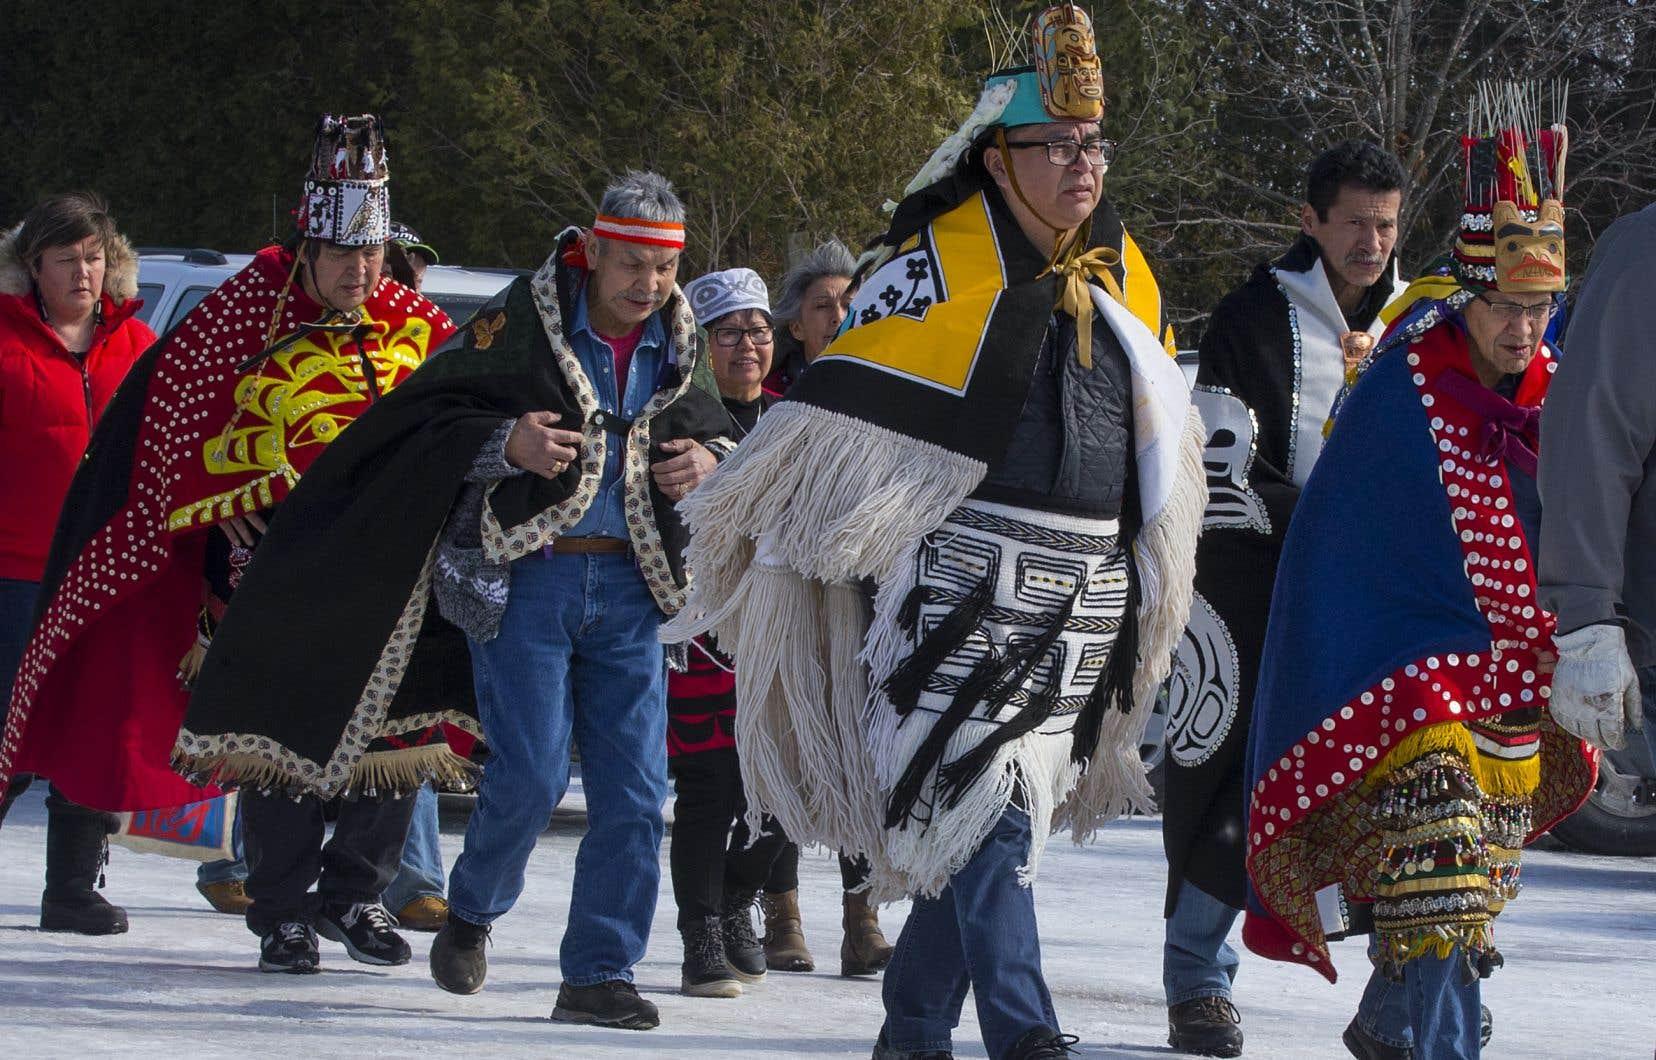 Les chefs héréditaires des wet'suwet'en, une Première nation de Colombie-Britannique, sont arrivés samedi à Kahnawake.